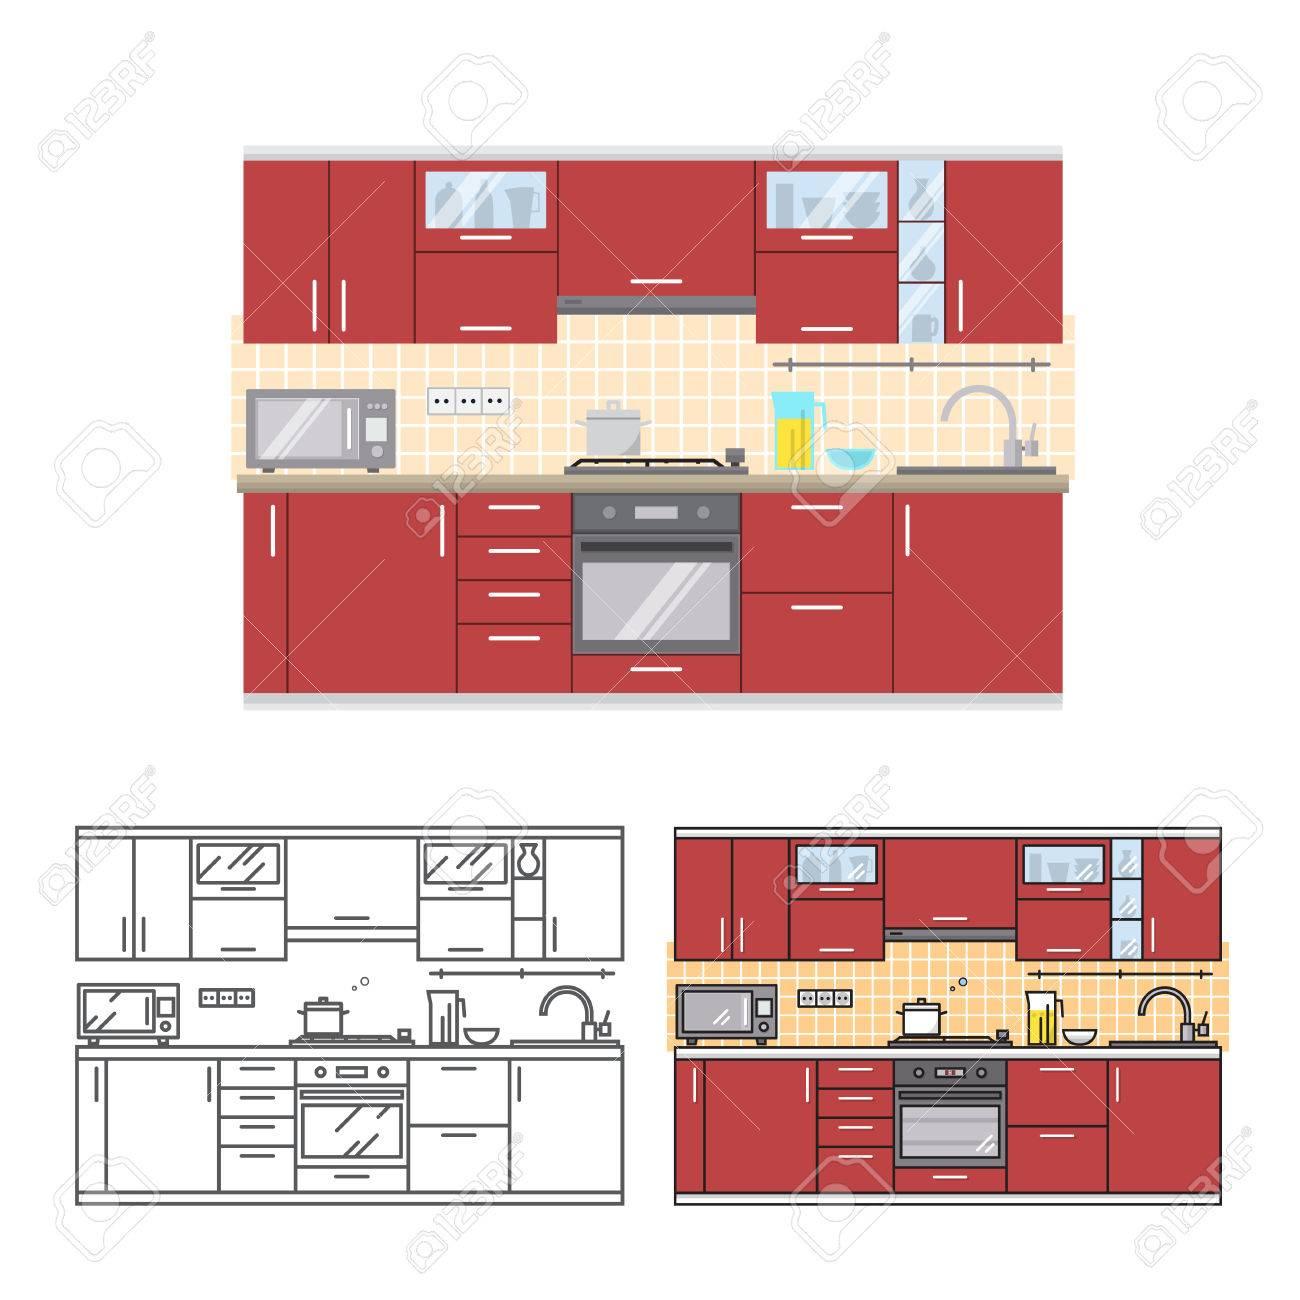 Modern Kitchen Wall Interior. For Web Design, Banner, Flyer ...